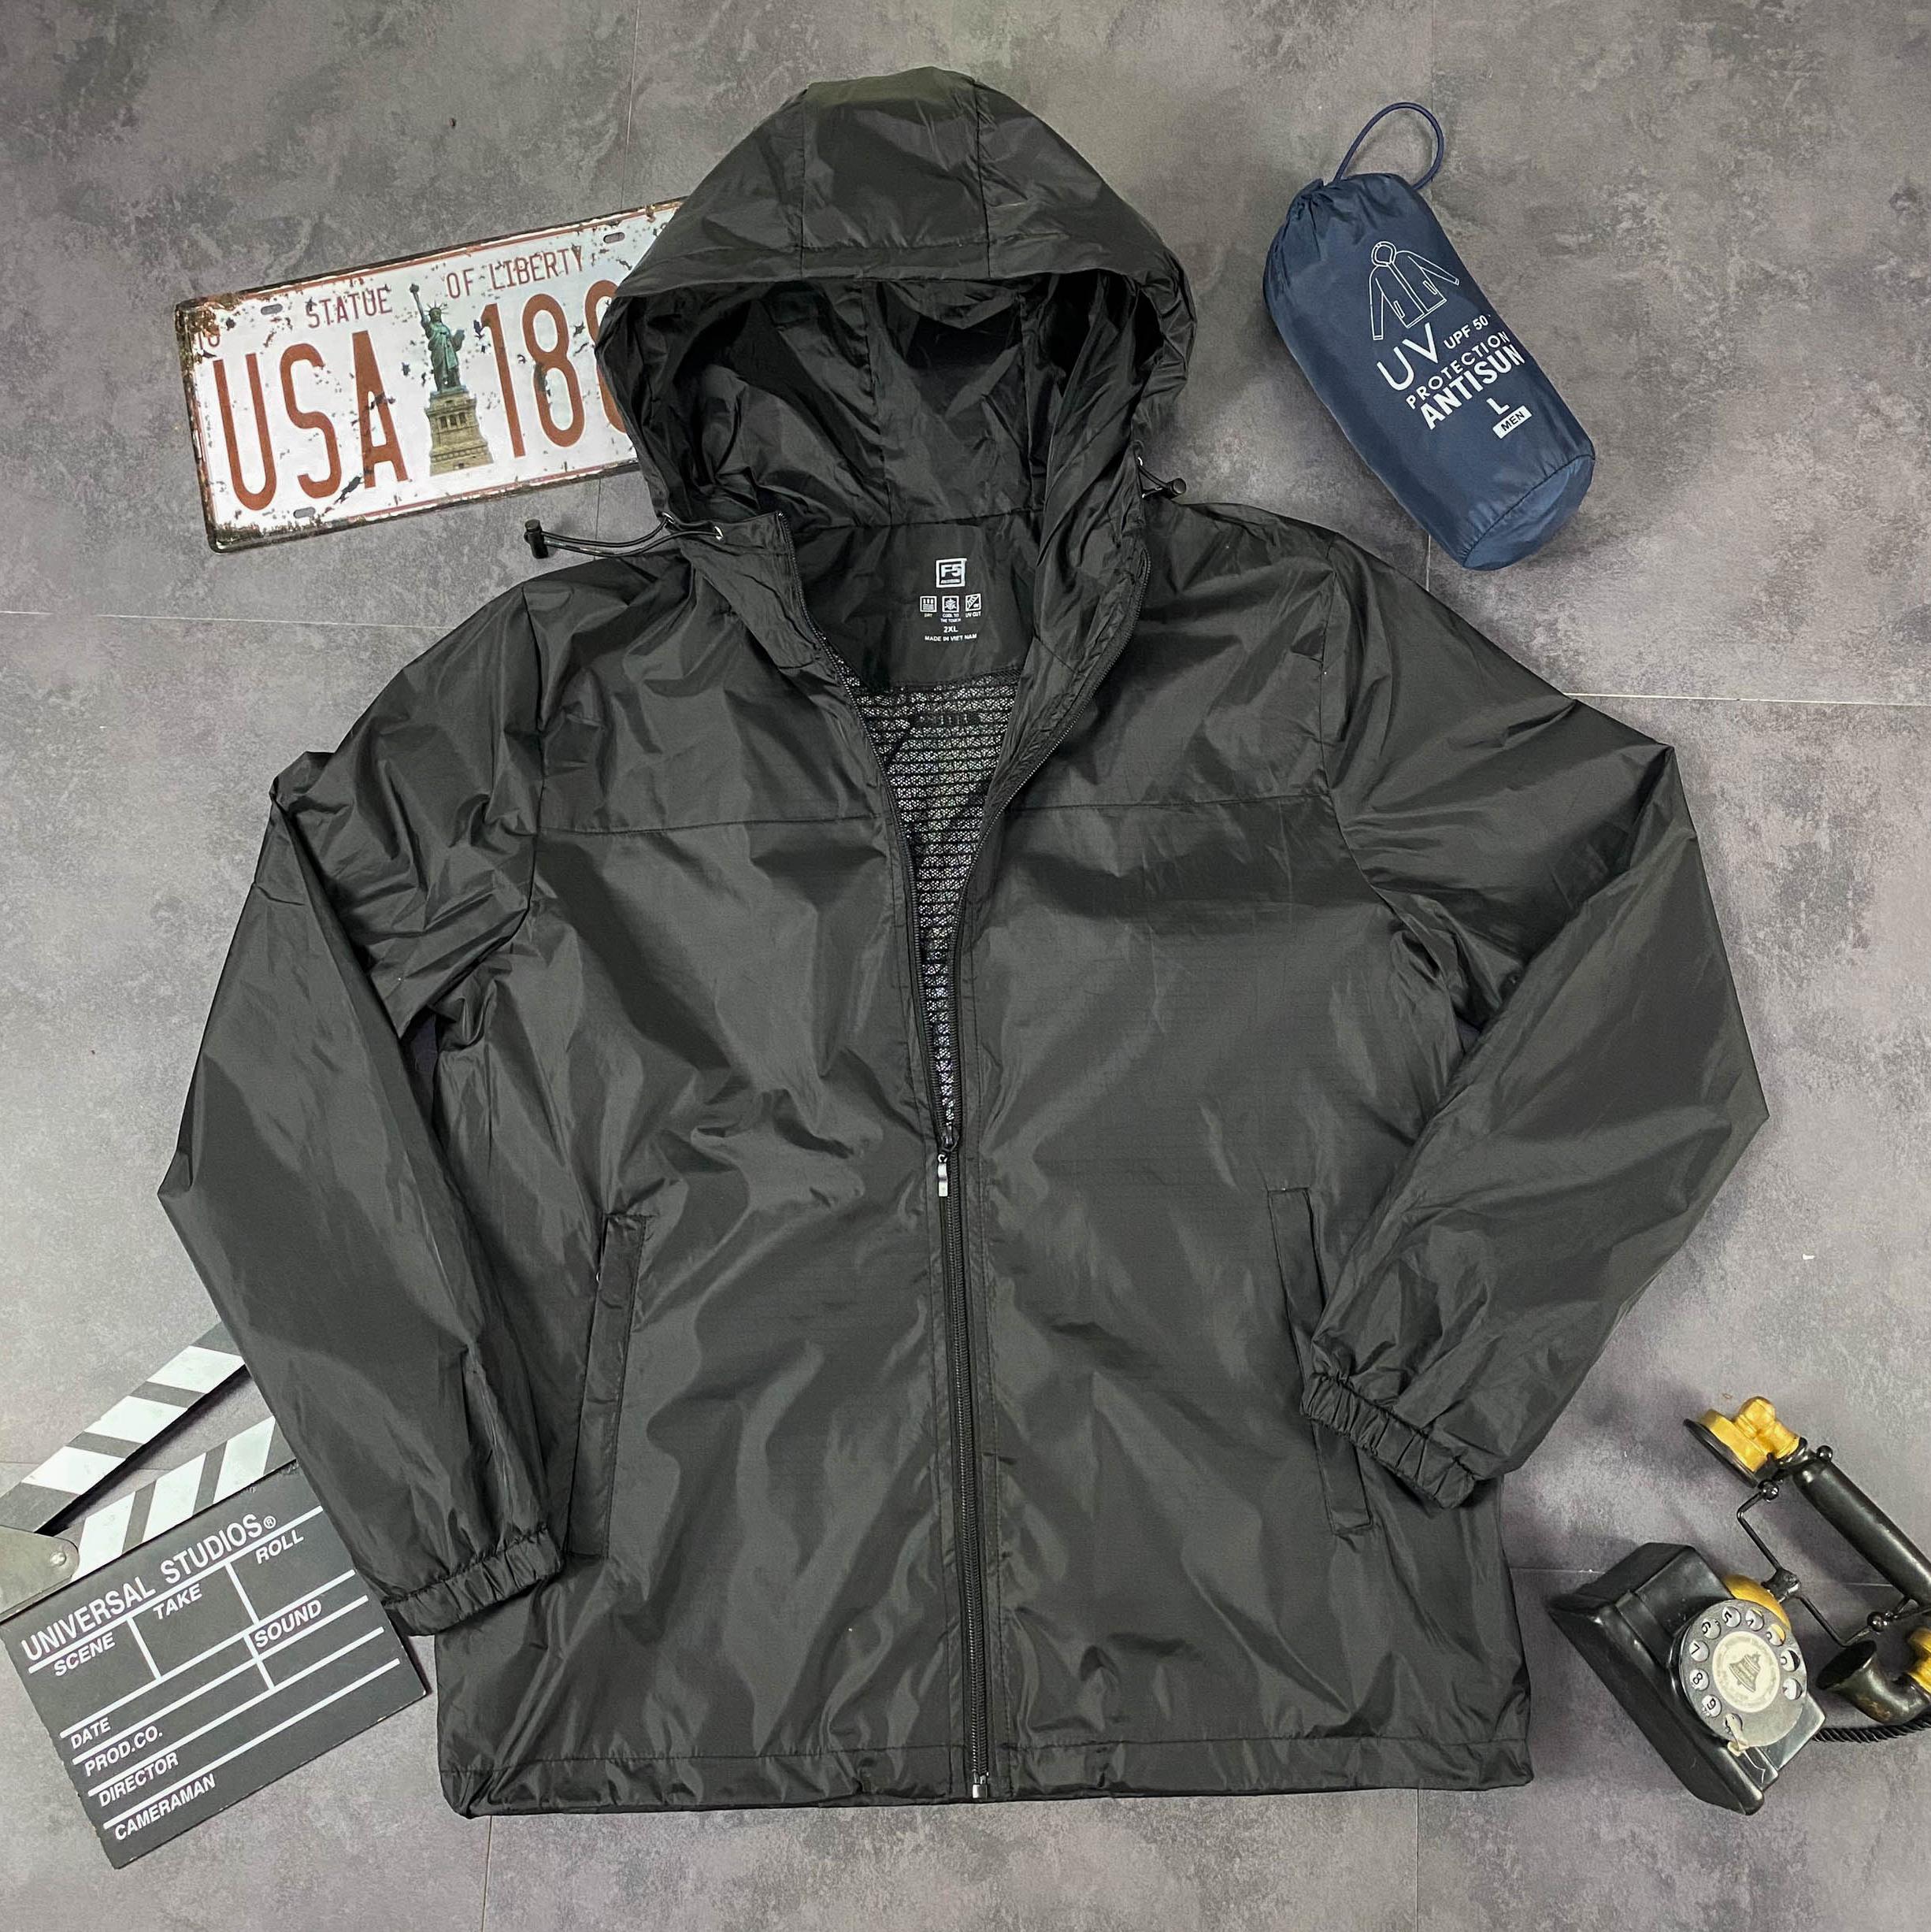 Áo Khoác gió nữ 2 lớp chống nắng - chống nước 2 Trong 1 kèm túi poket